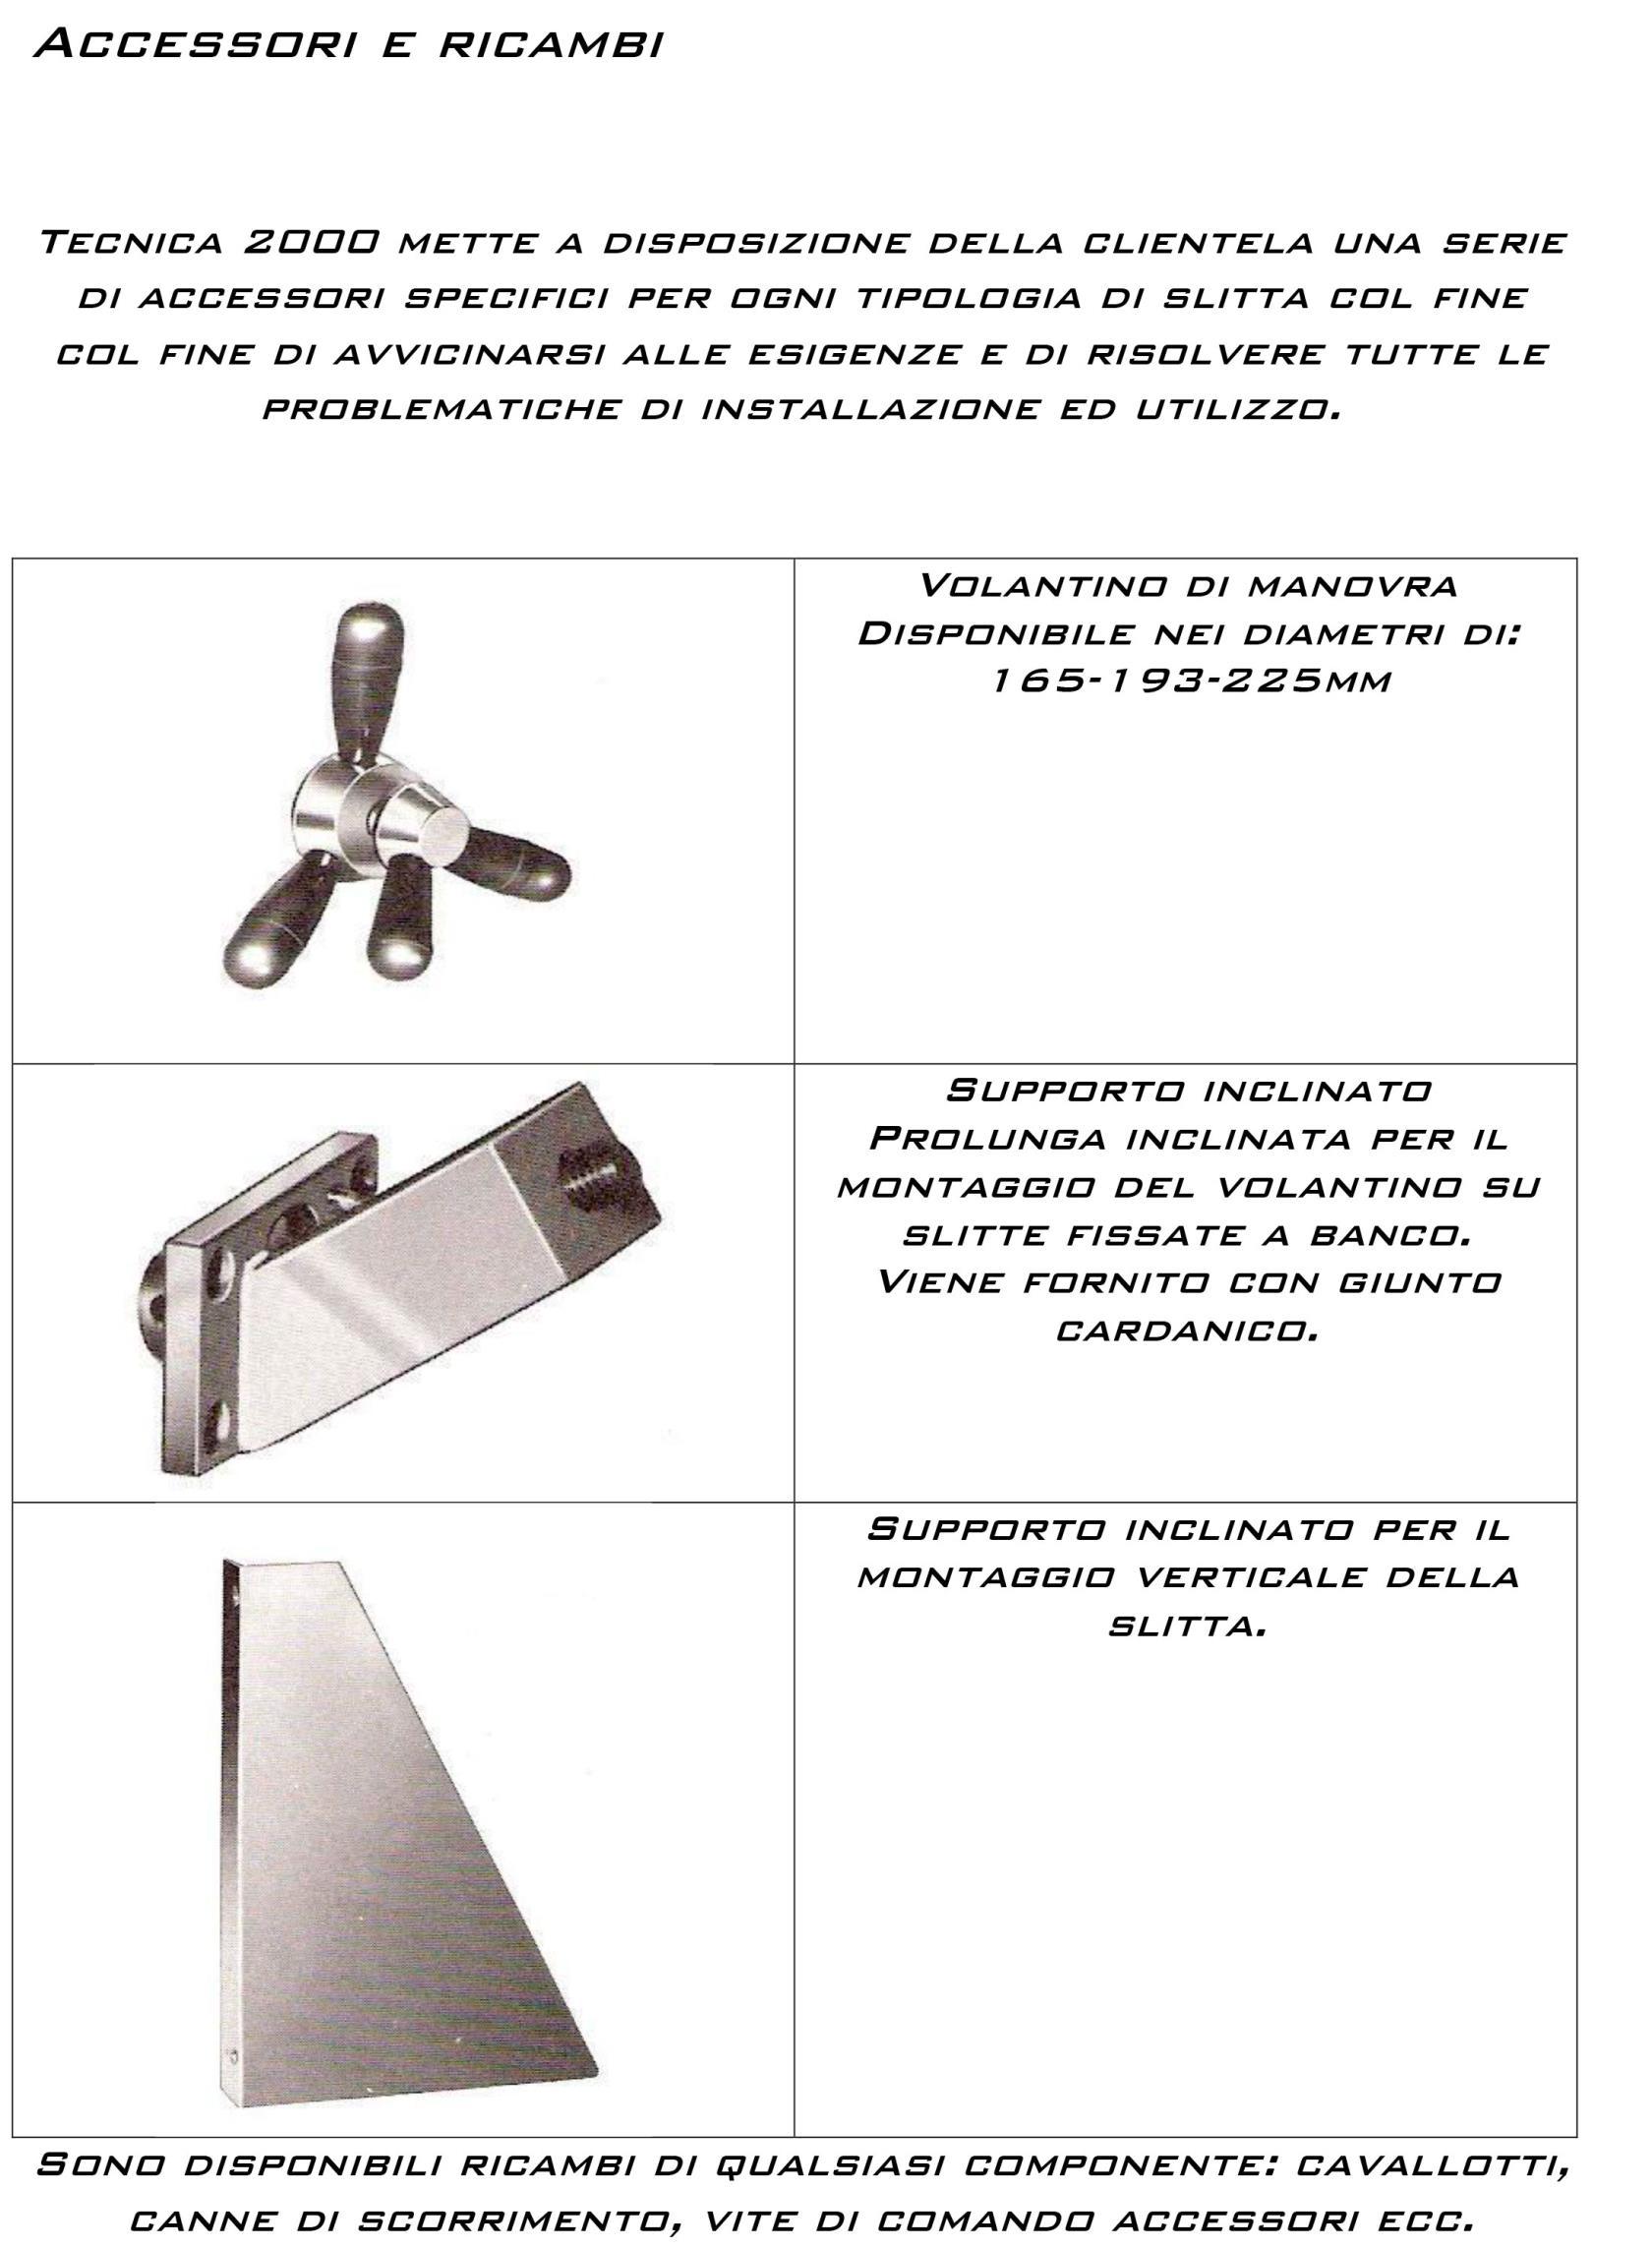 Accessori e ricambi per slitte